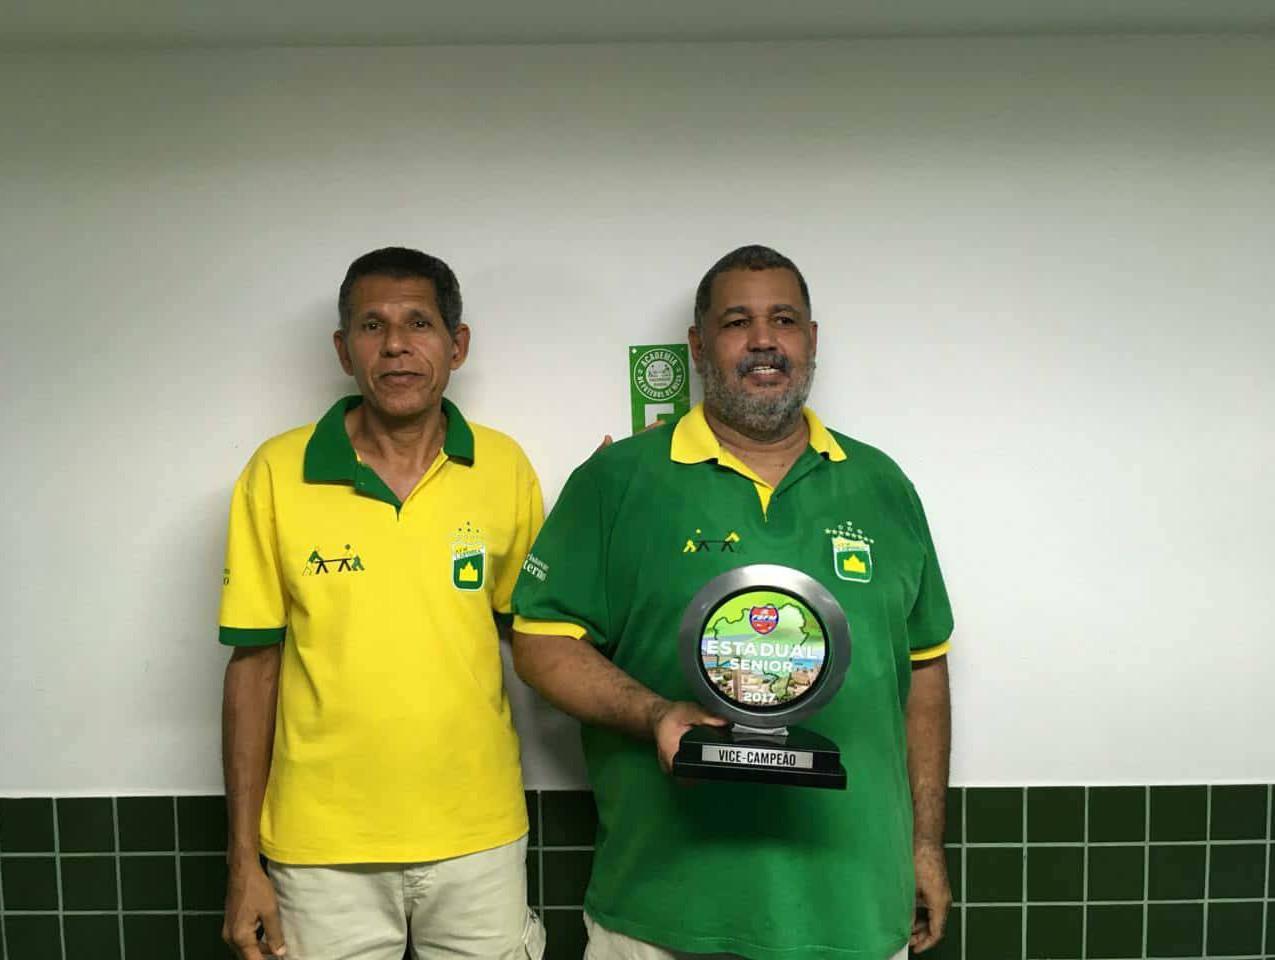 Afranio - Vice campeão estadual senior 2017